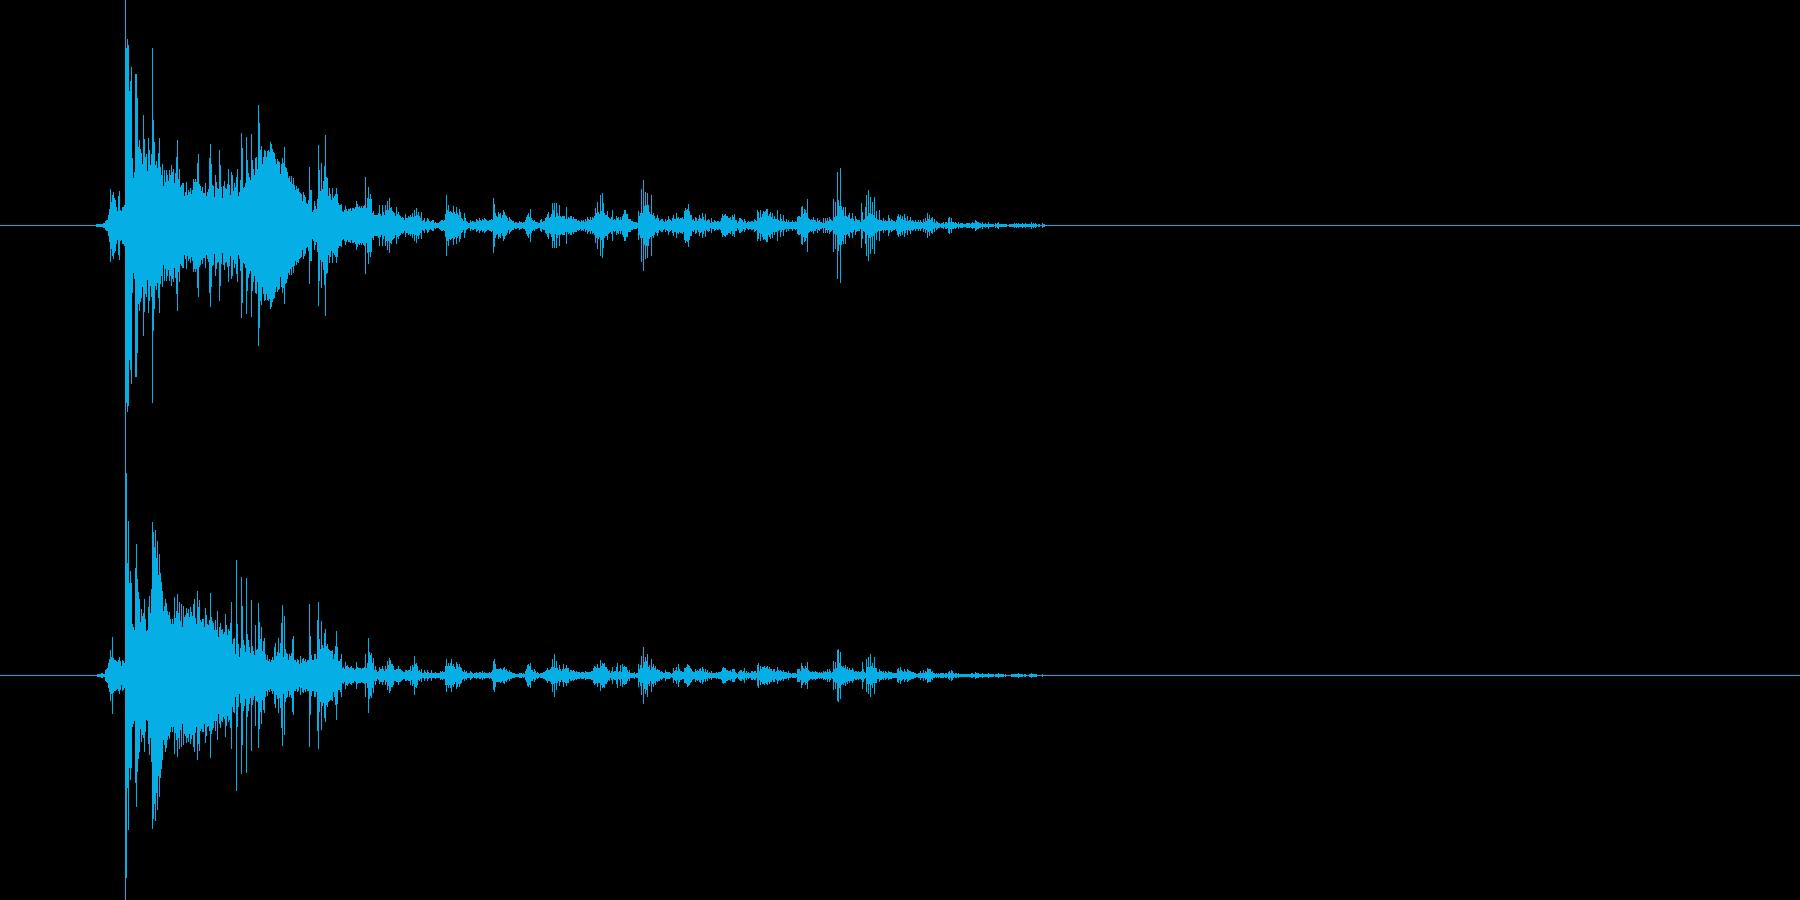 ジャリーーン!コロコロ…長めに転がる音の再生済みの波形